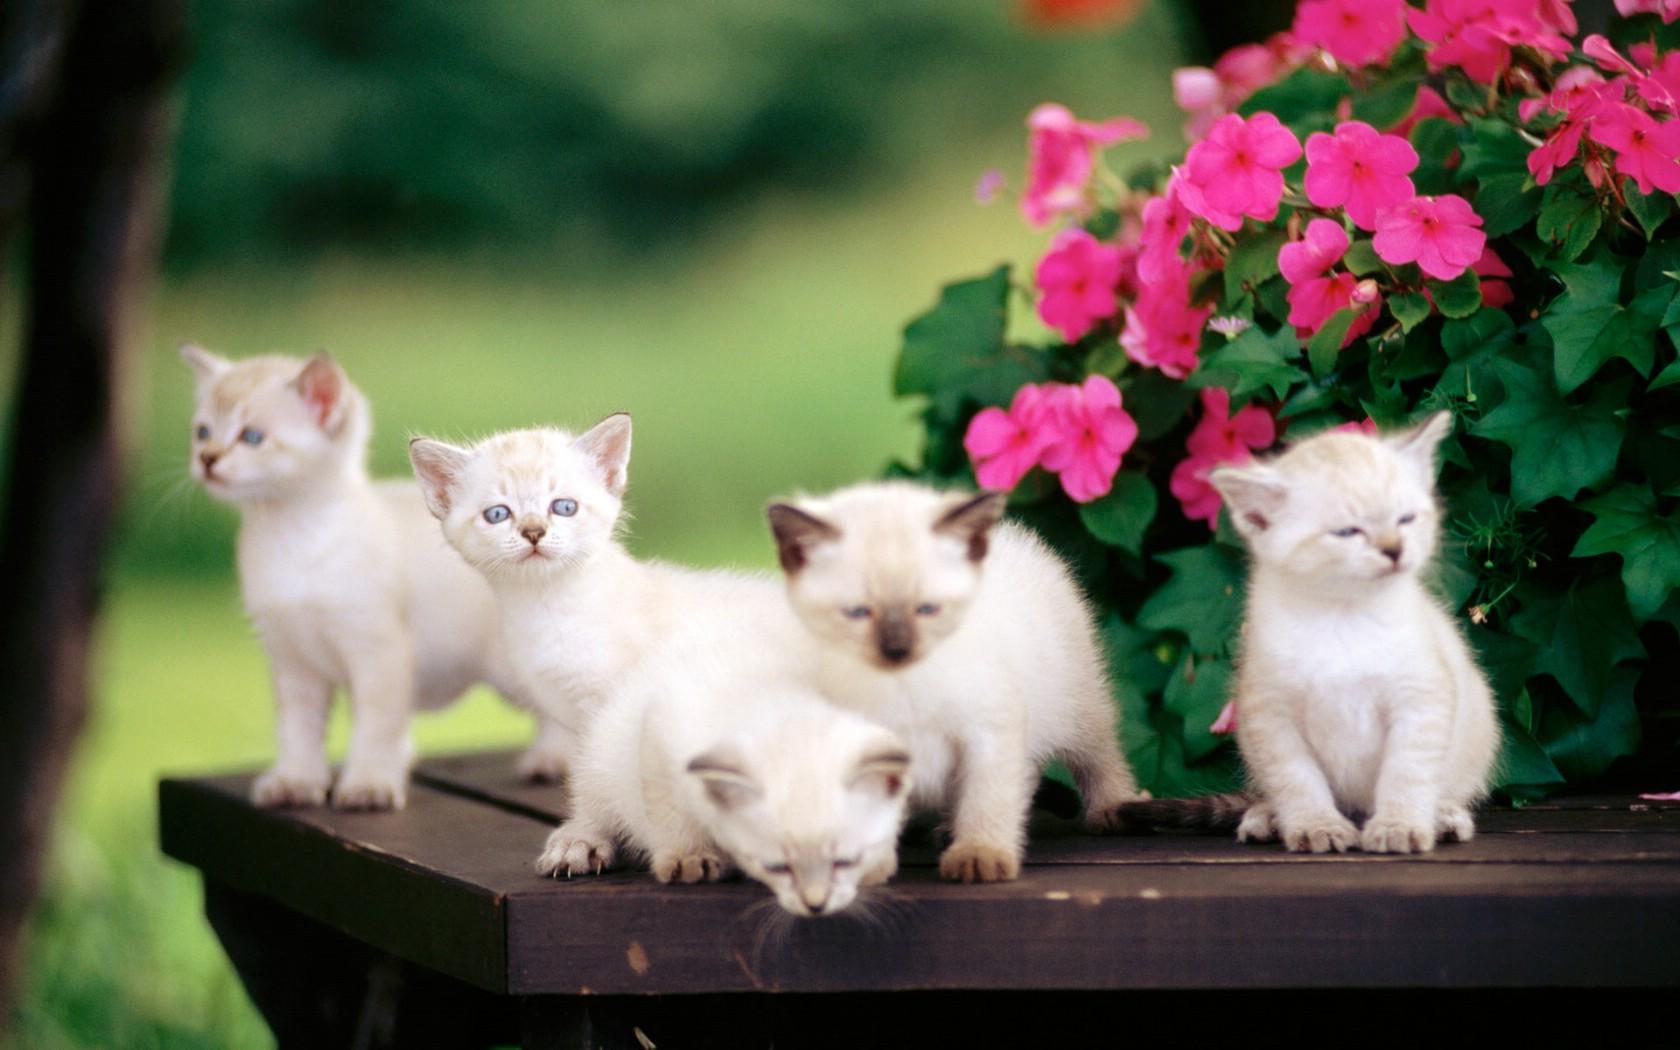 宽屏小猫写真桌面壁纸壁纸 第20张高清图片